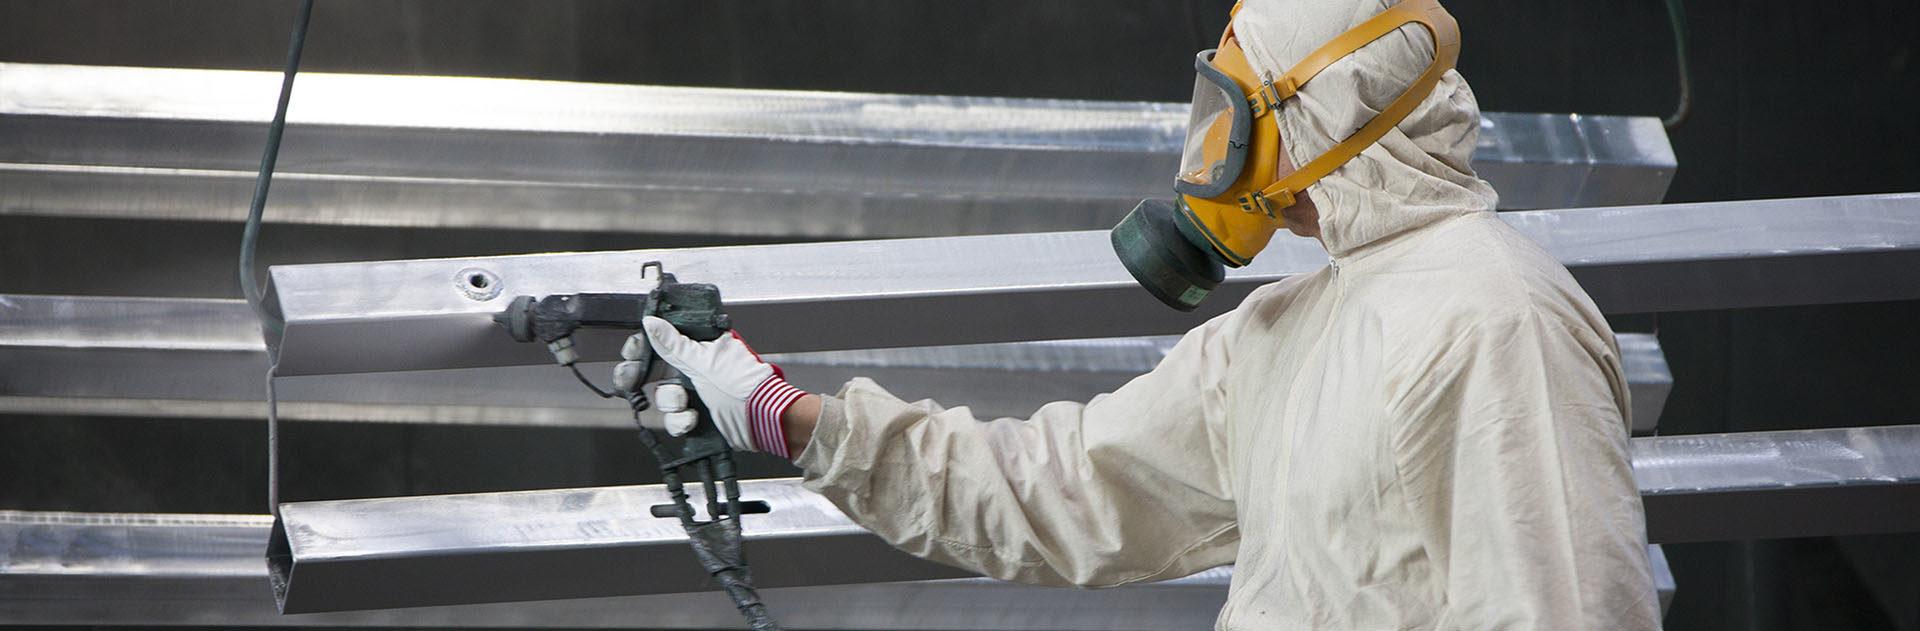 Антикоррозионная защита – все современные способы защита металла от коррозии + видео